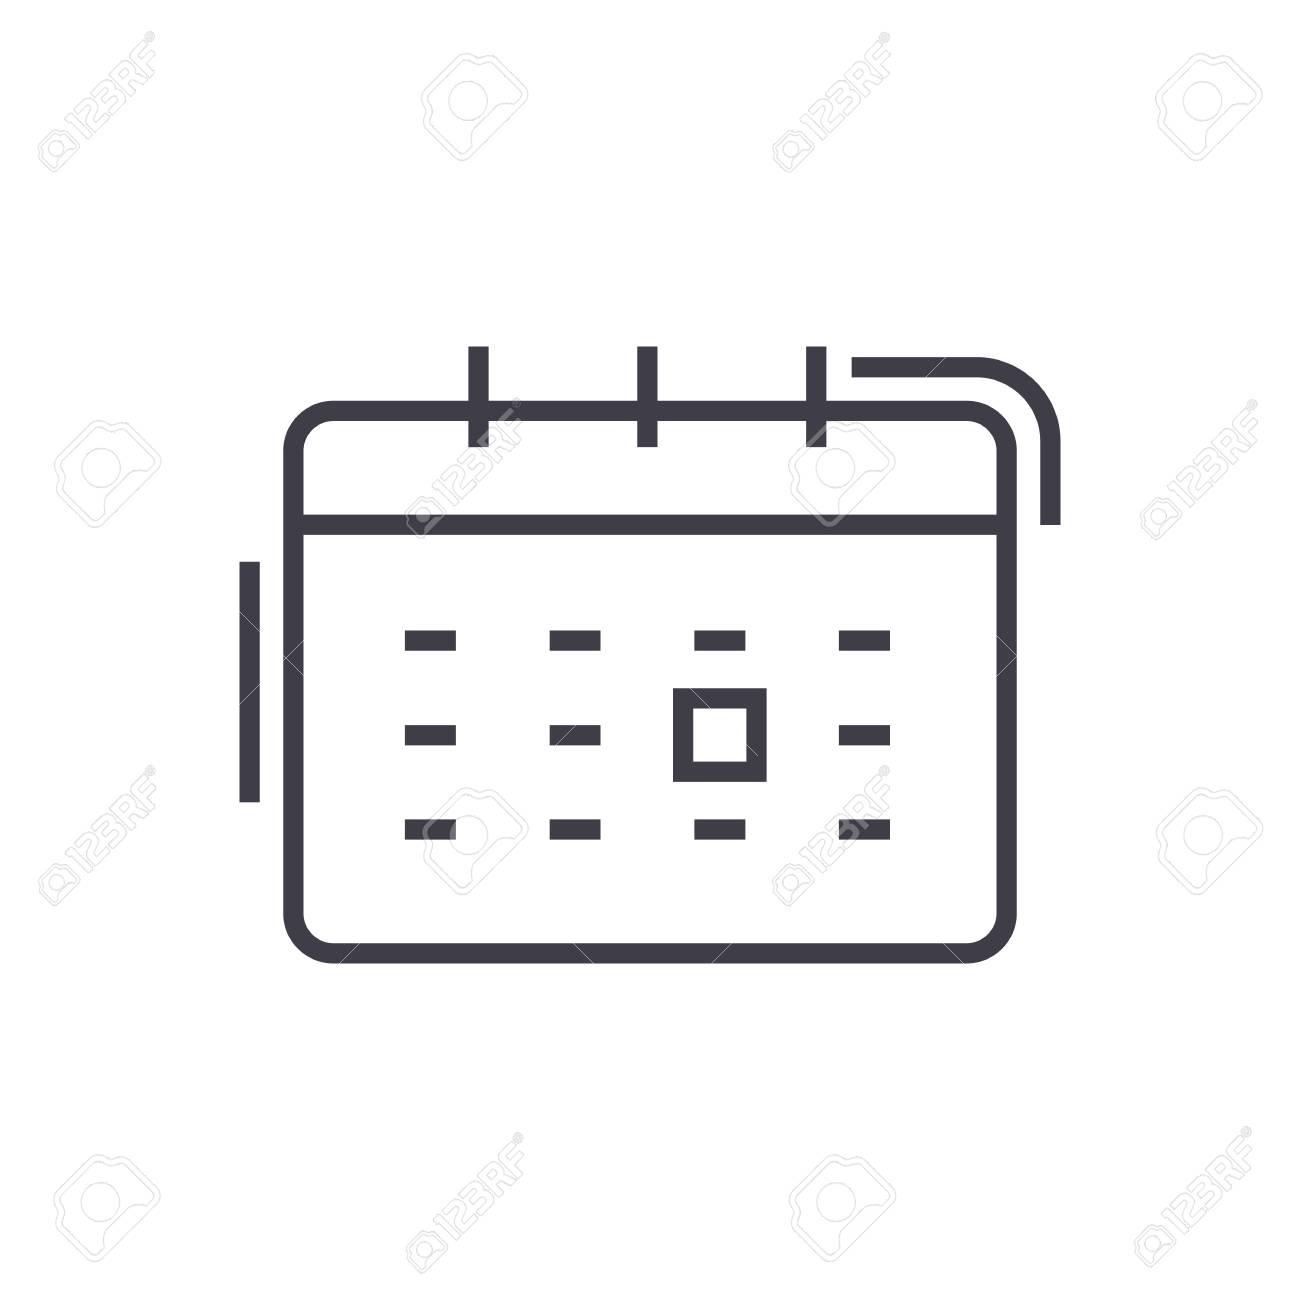 Calendario Vector Blanco.Calendar Vector Line Icon Sign Illustration On White Background